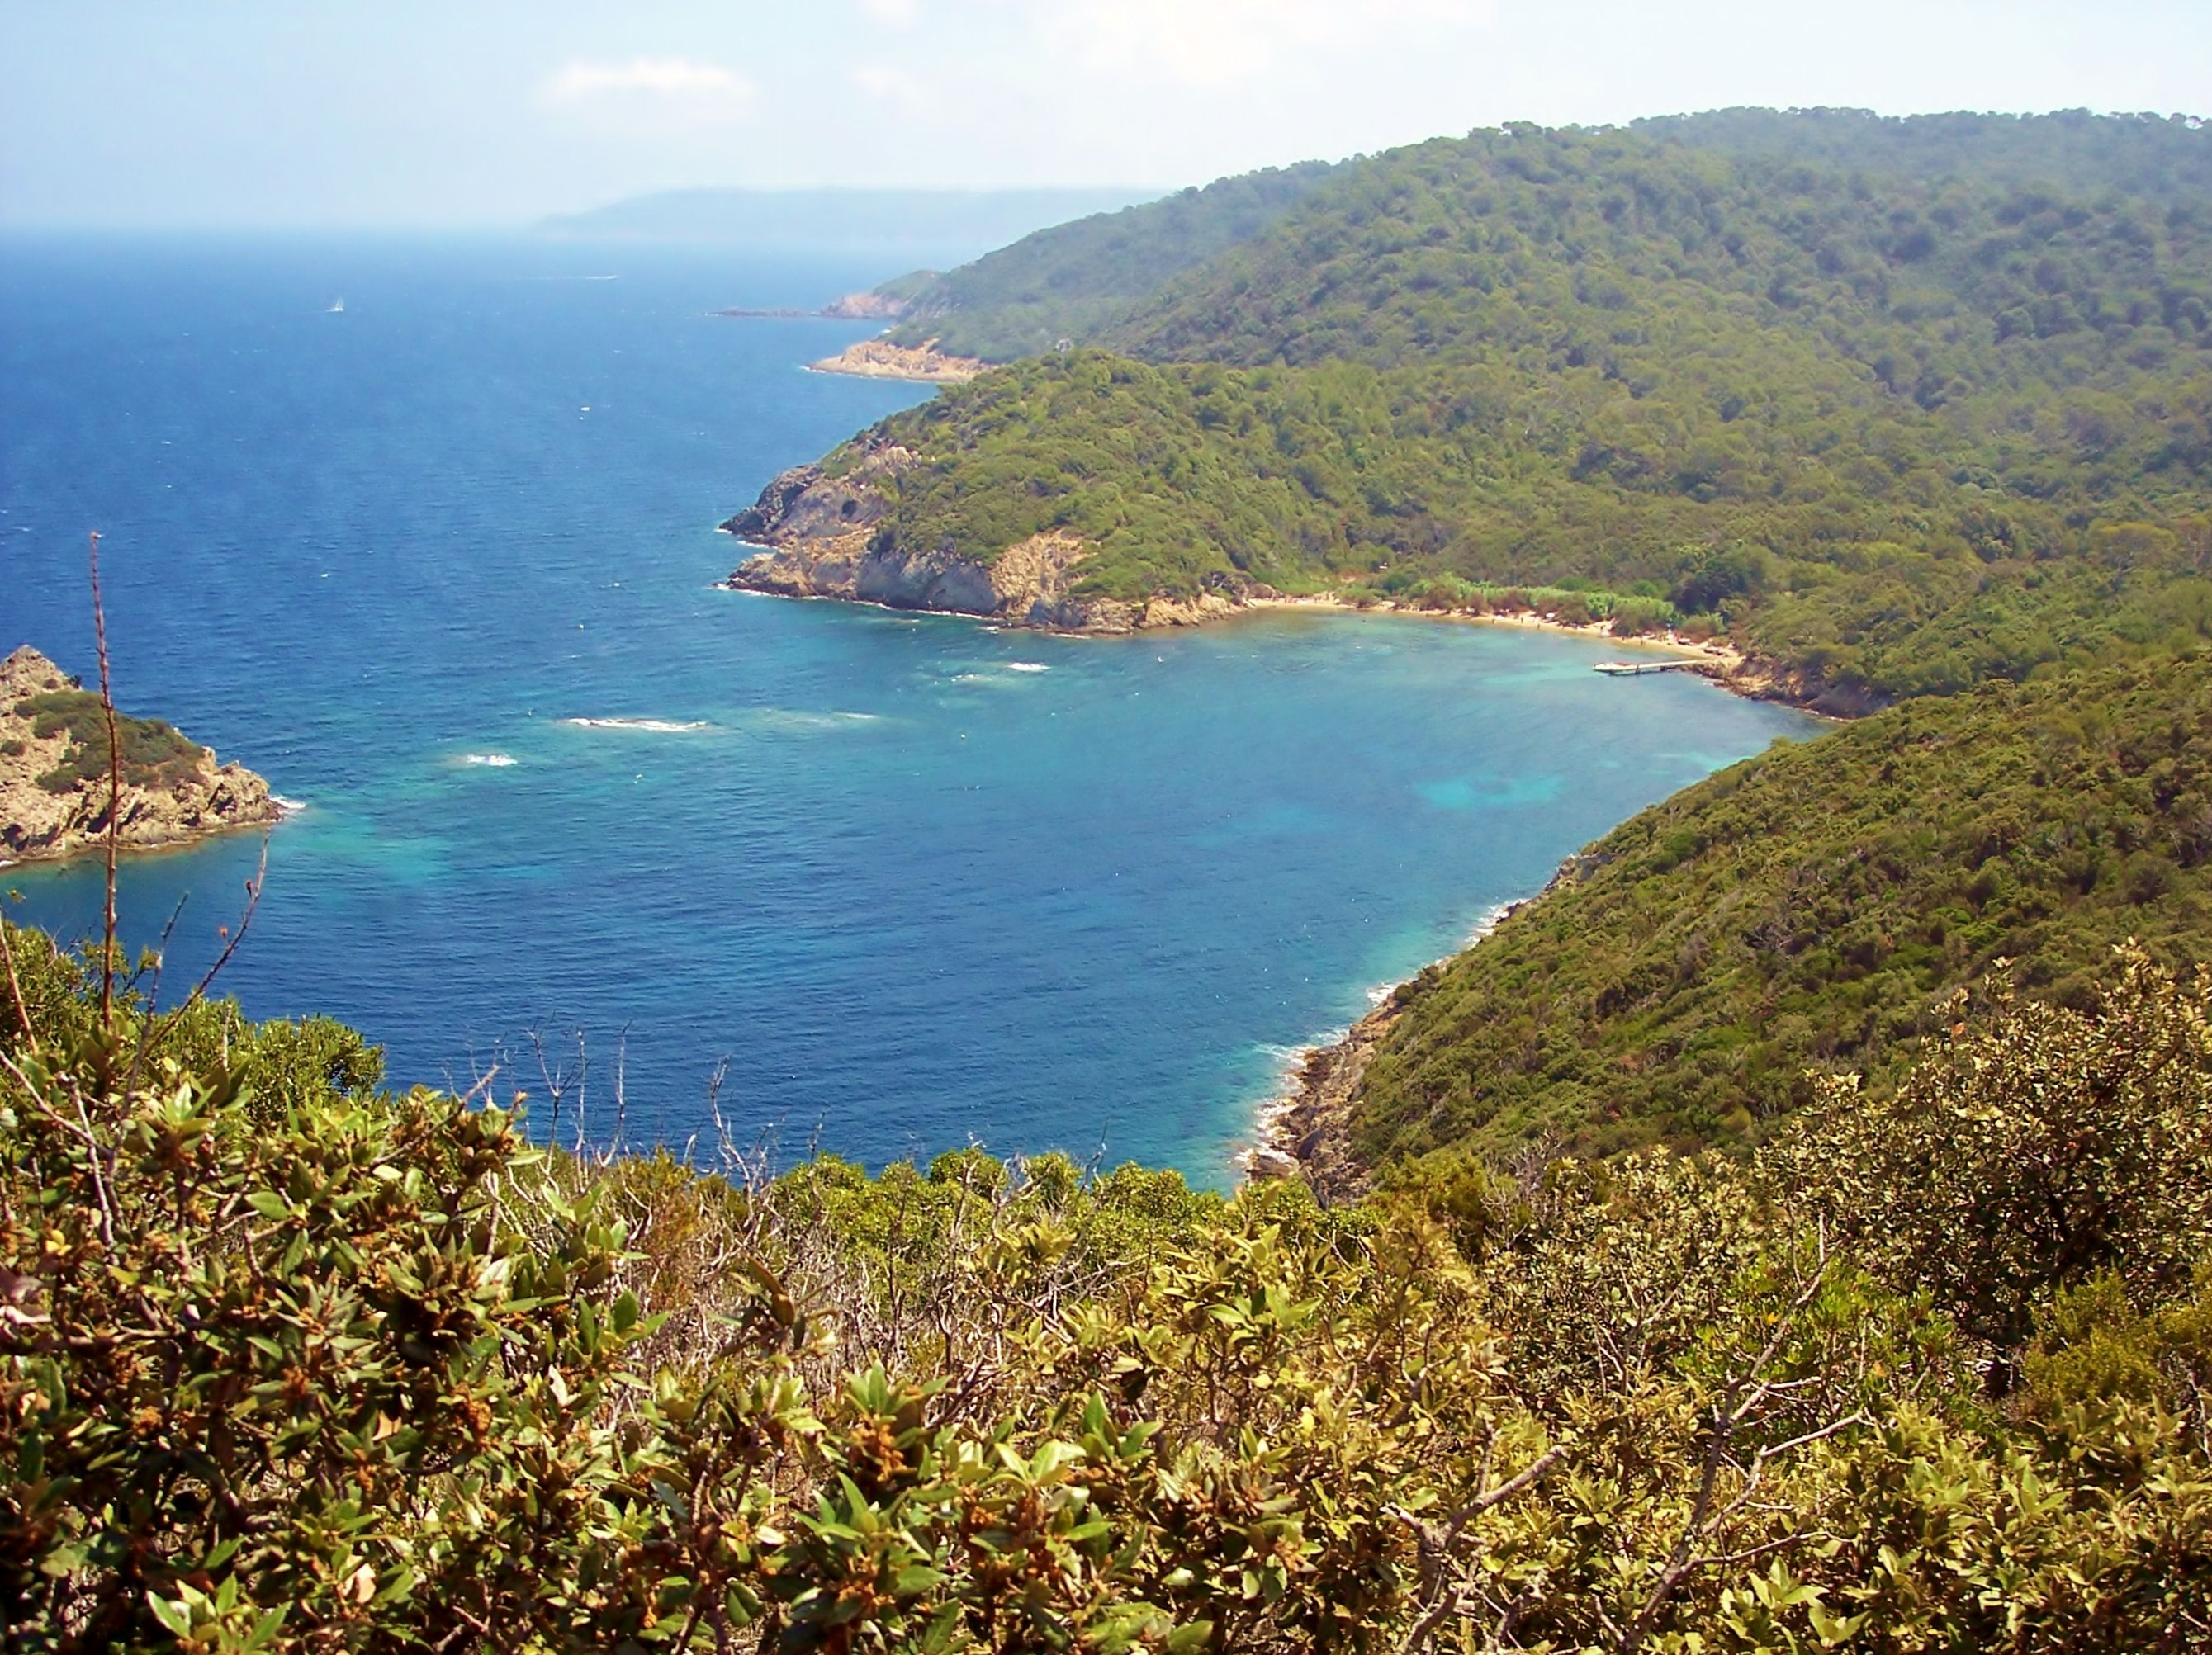 File Île De Port Cros La Baie De La PaludJPG - Location port cros